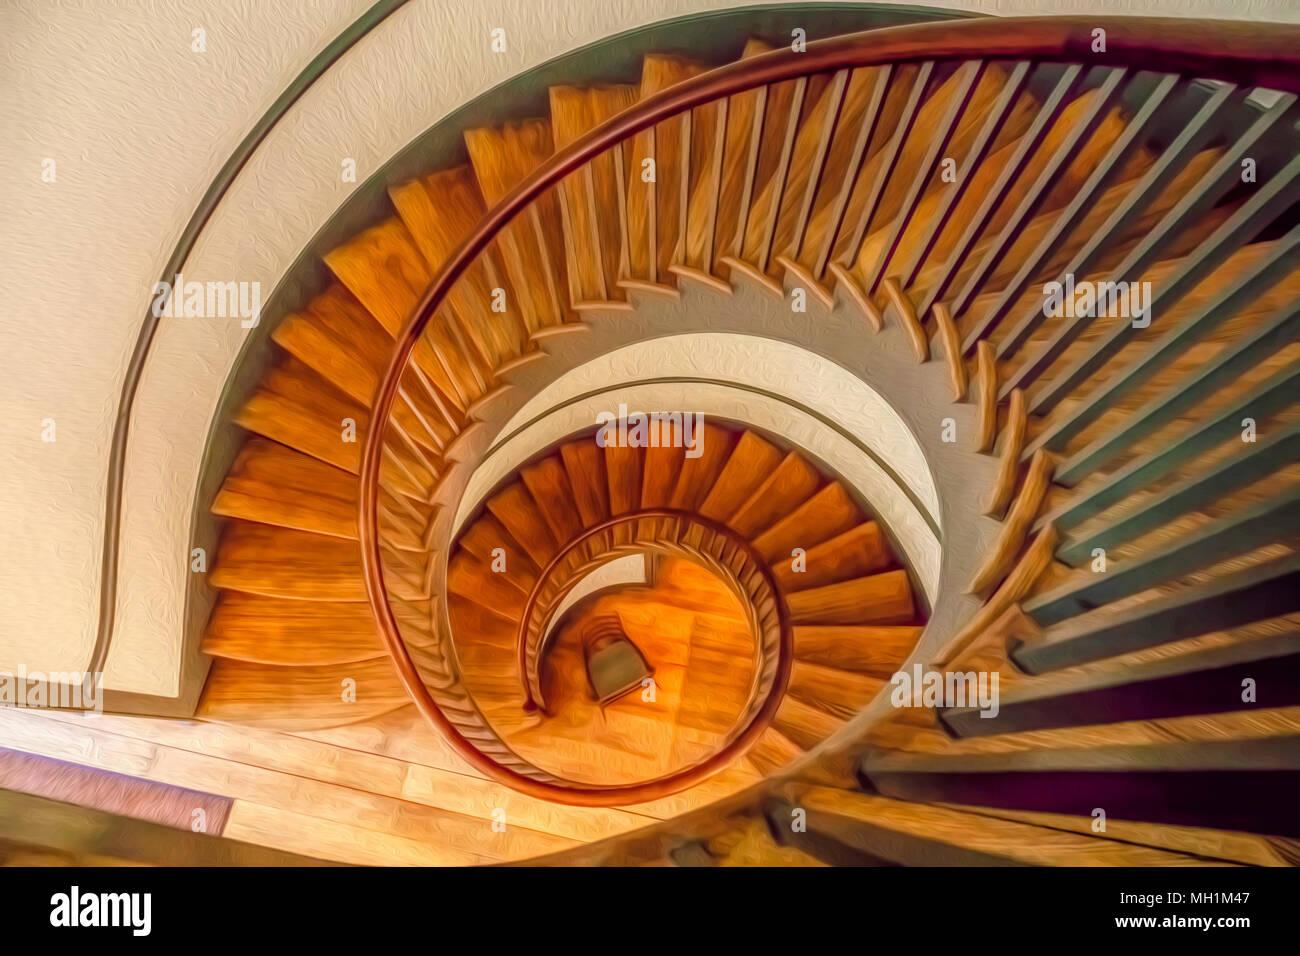 Vista superiore del legno vintage scalinata a spirale, con digital dipinto a olio per effetto Immagini Stock